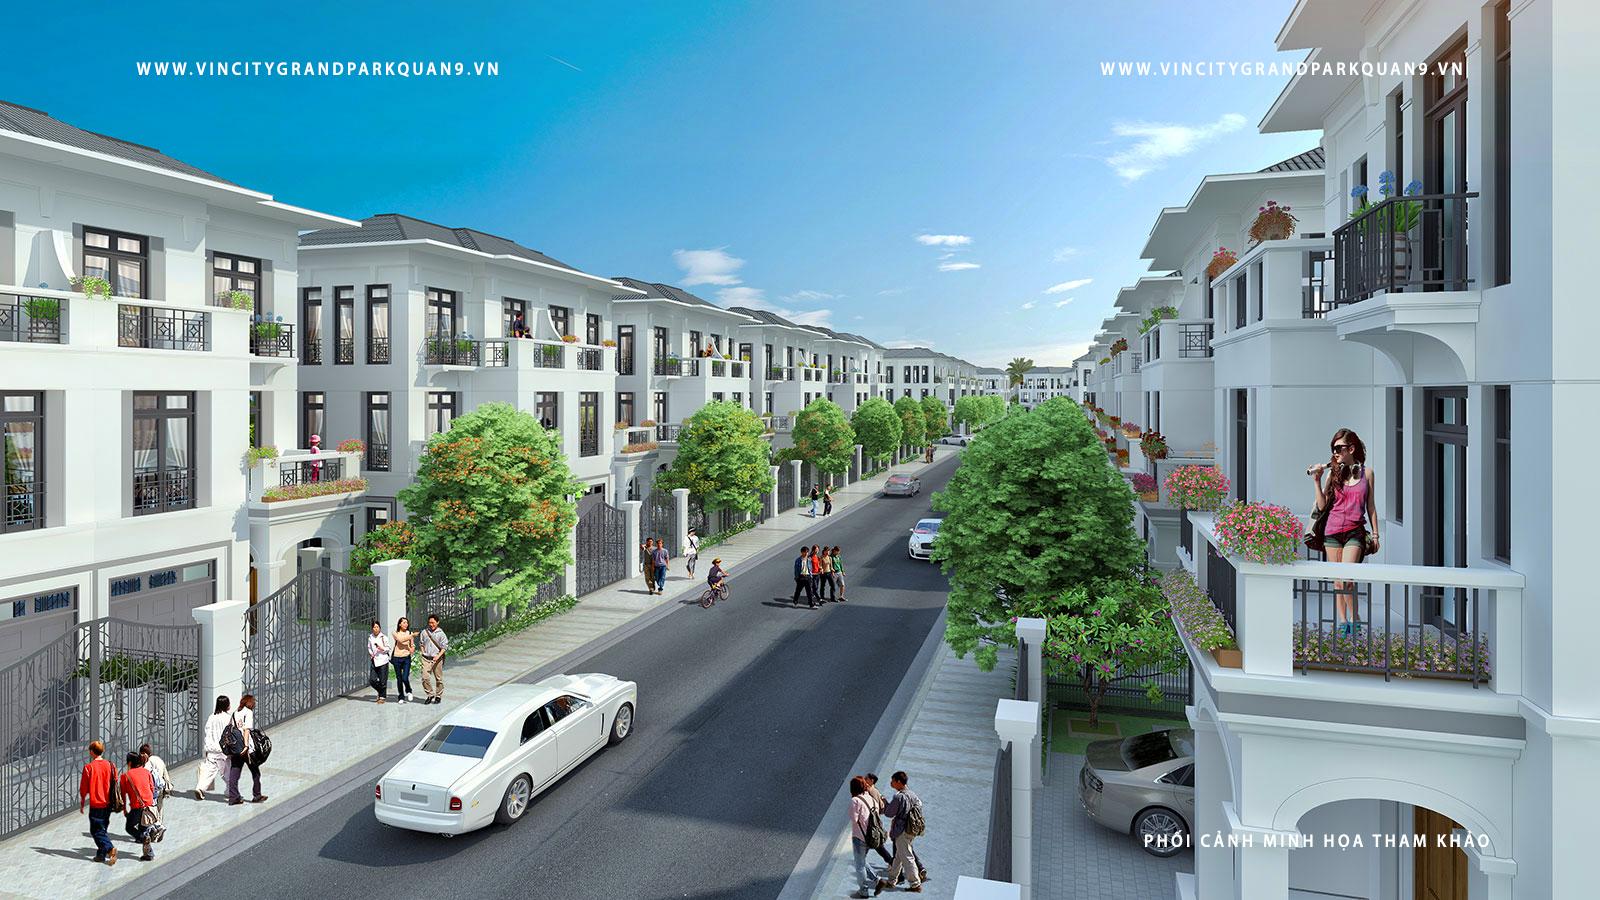 Phối cảnh nhà phố Vinhomes - Vihomes ( hình minh họa dự án - phối cảnh tham khảo )